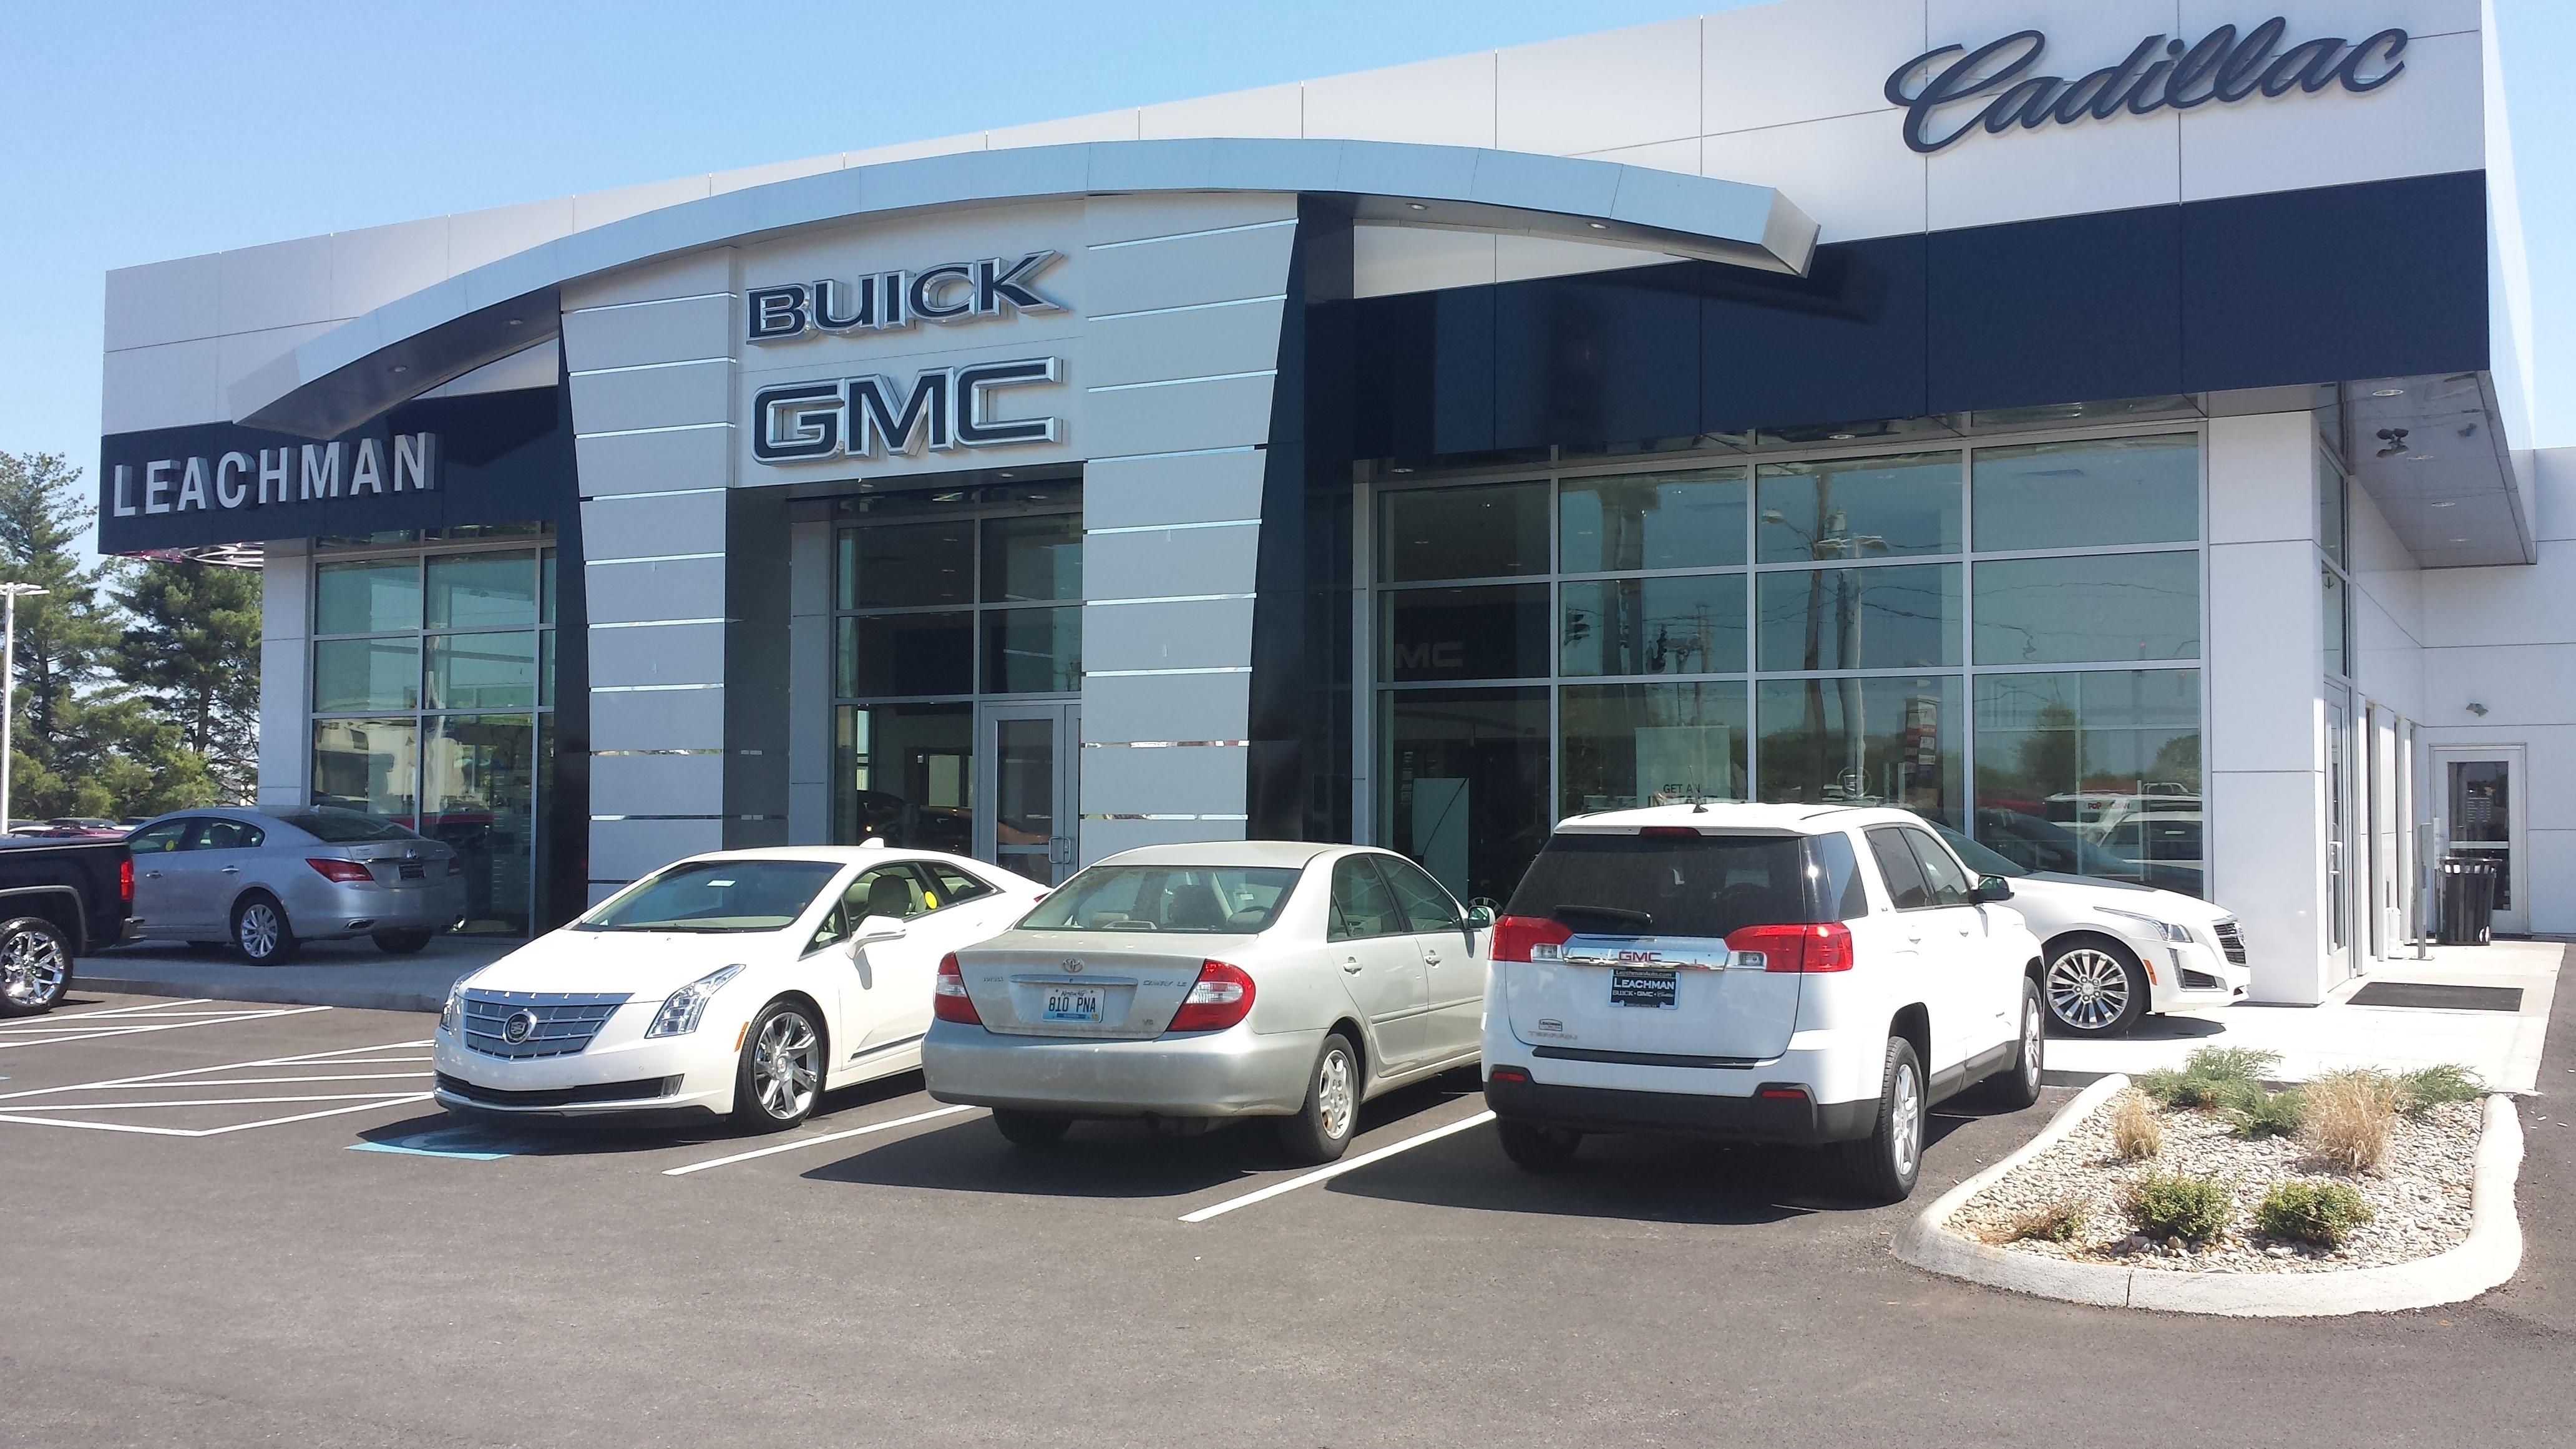 Leachman Buick GMC Cadillac image 2